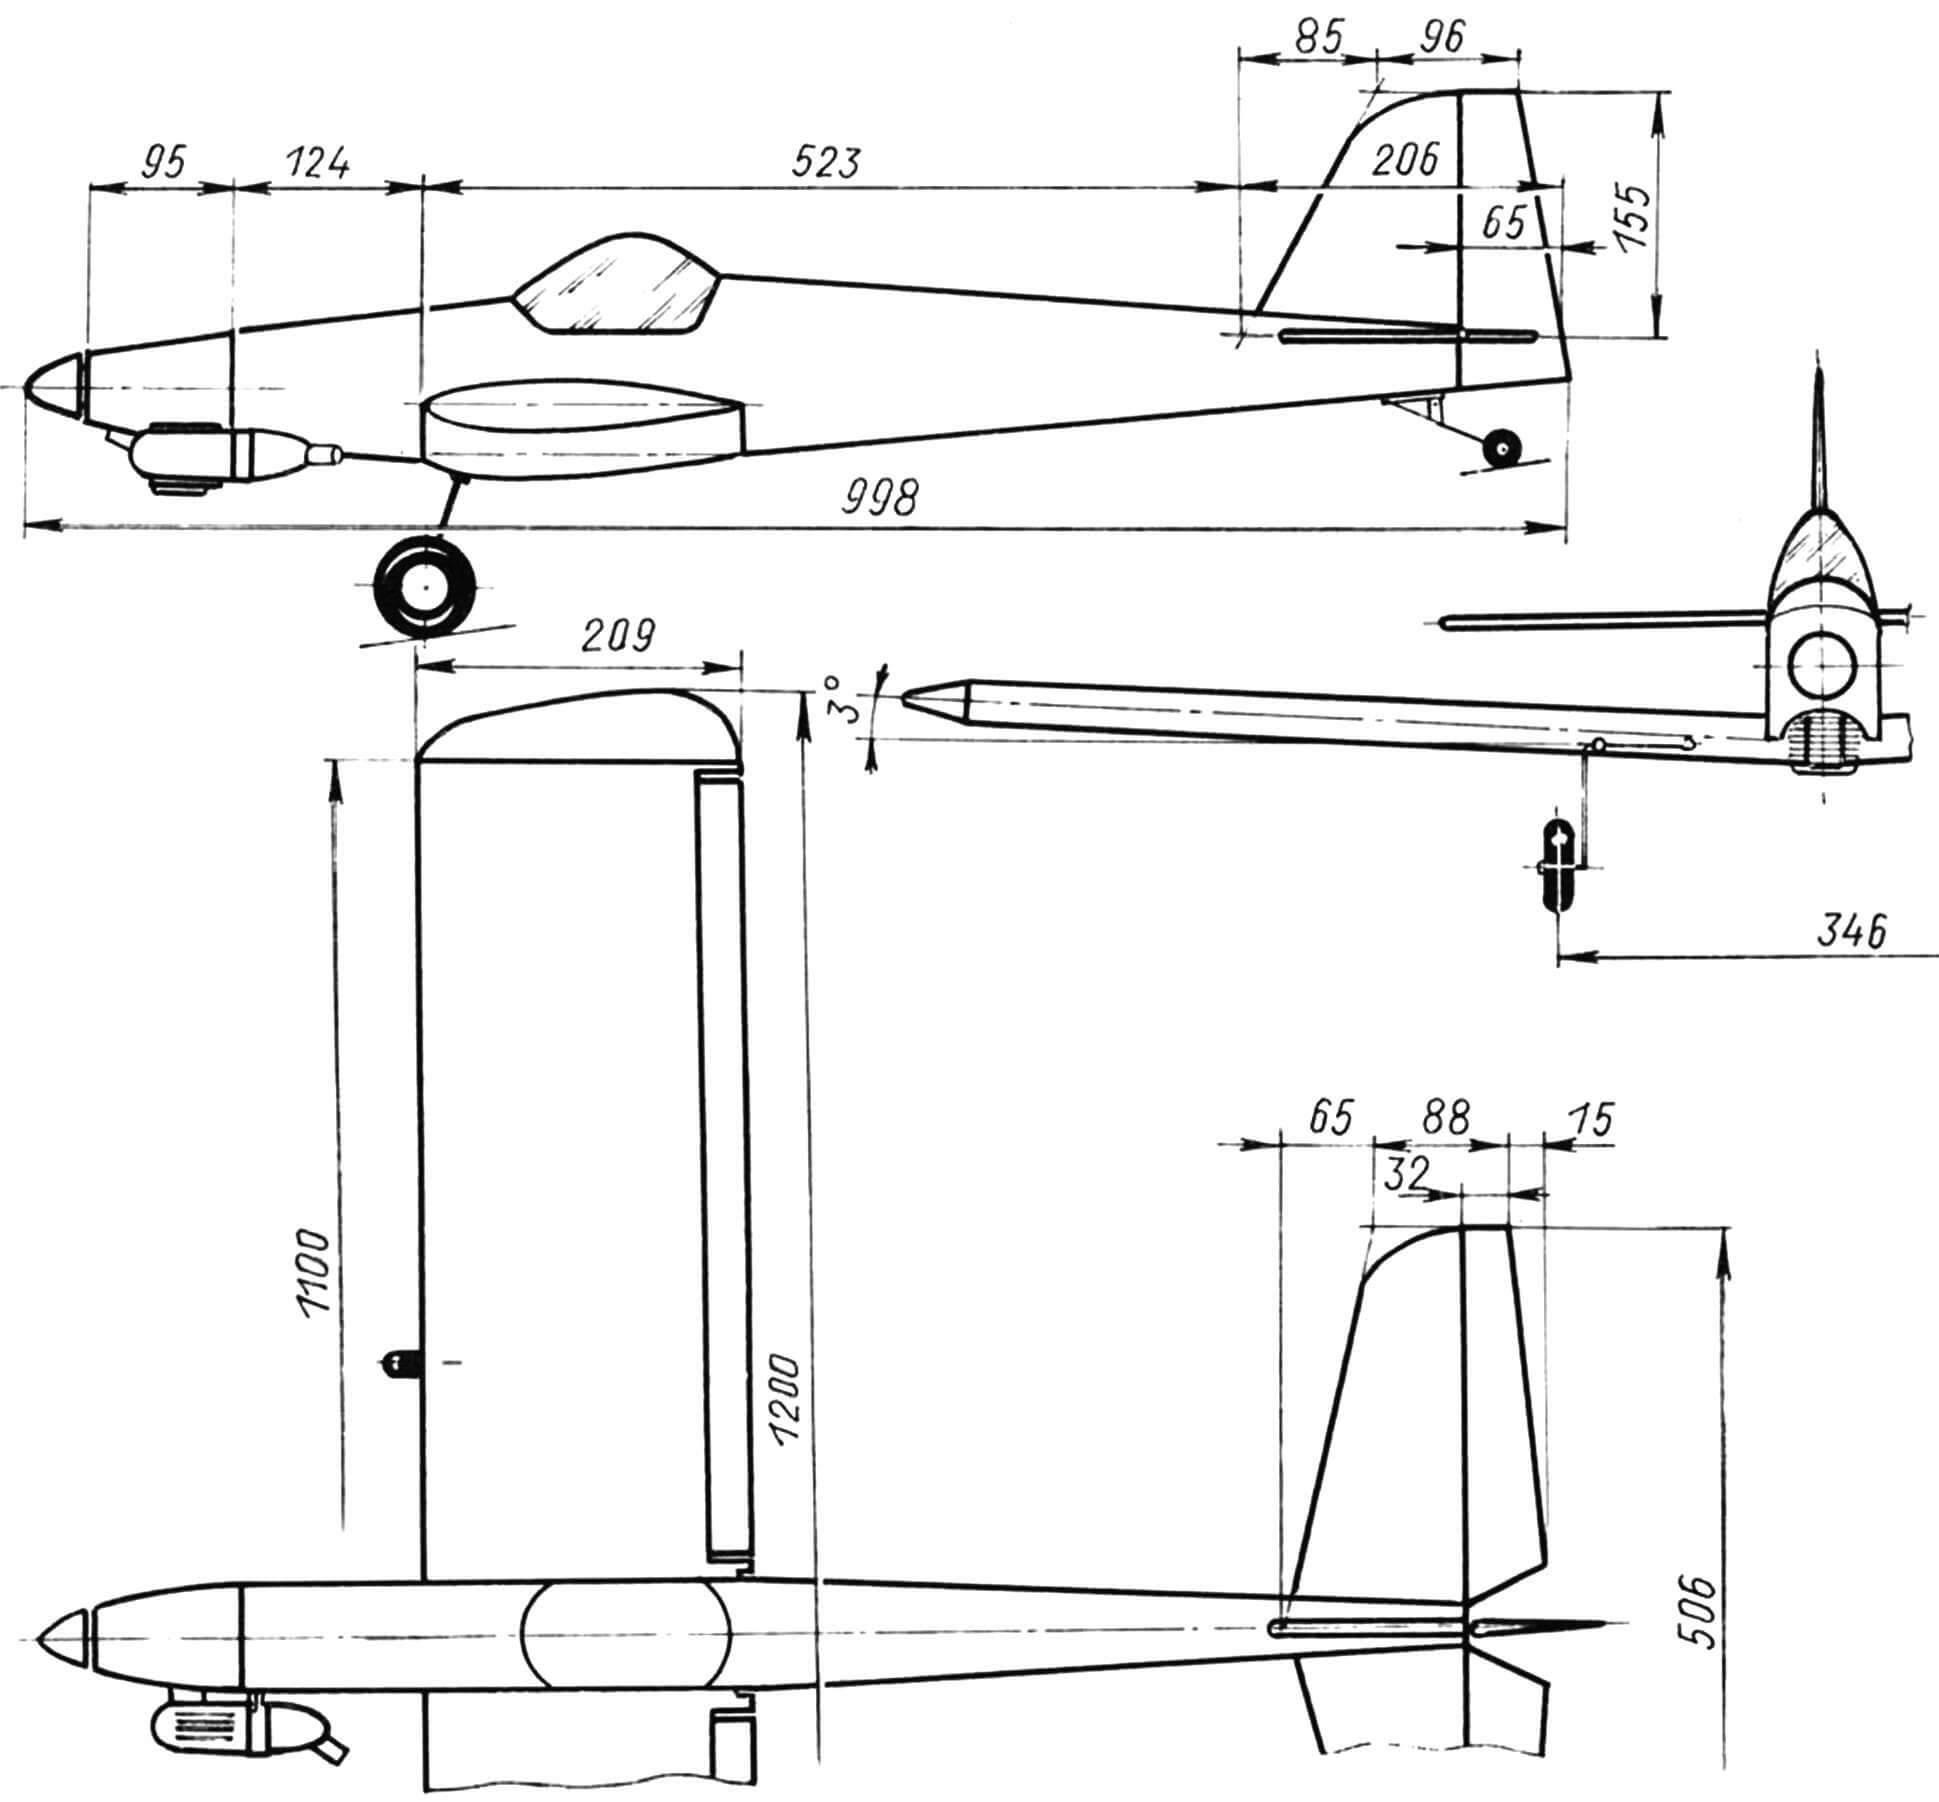 """Геометрическая схема радиоуправляемой модели """"Клен-6,5"""""""